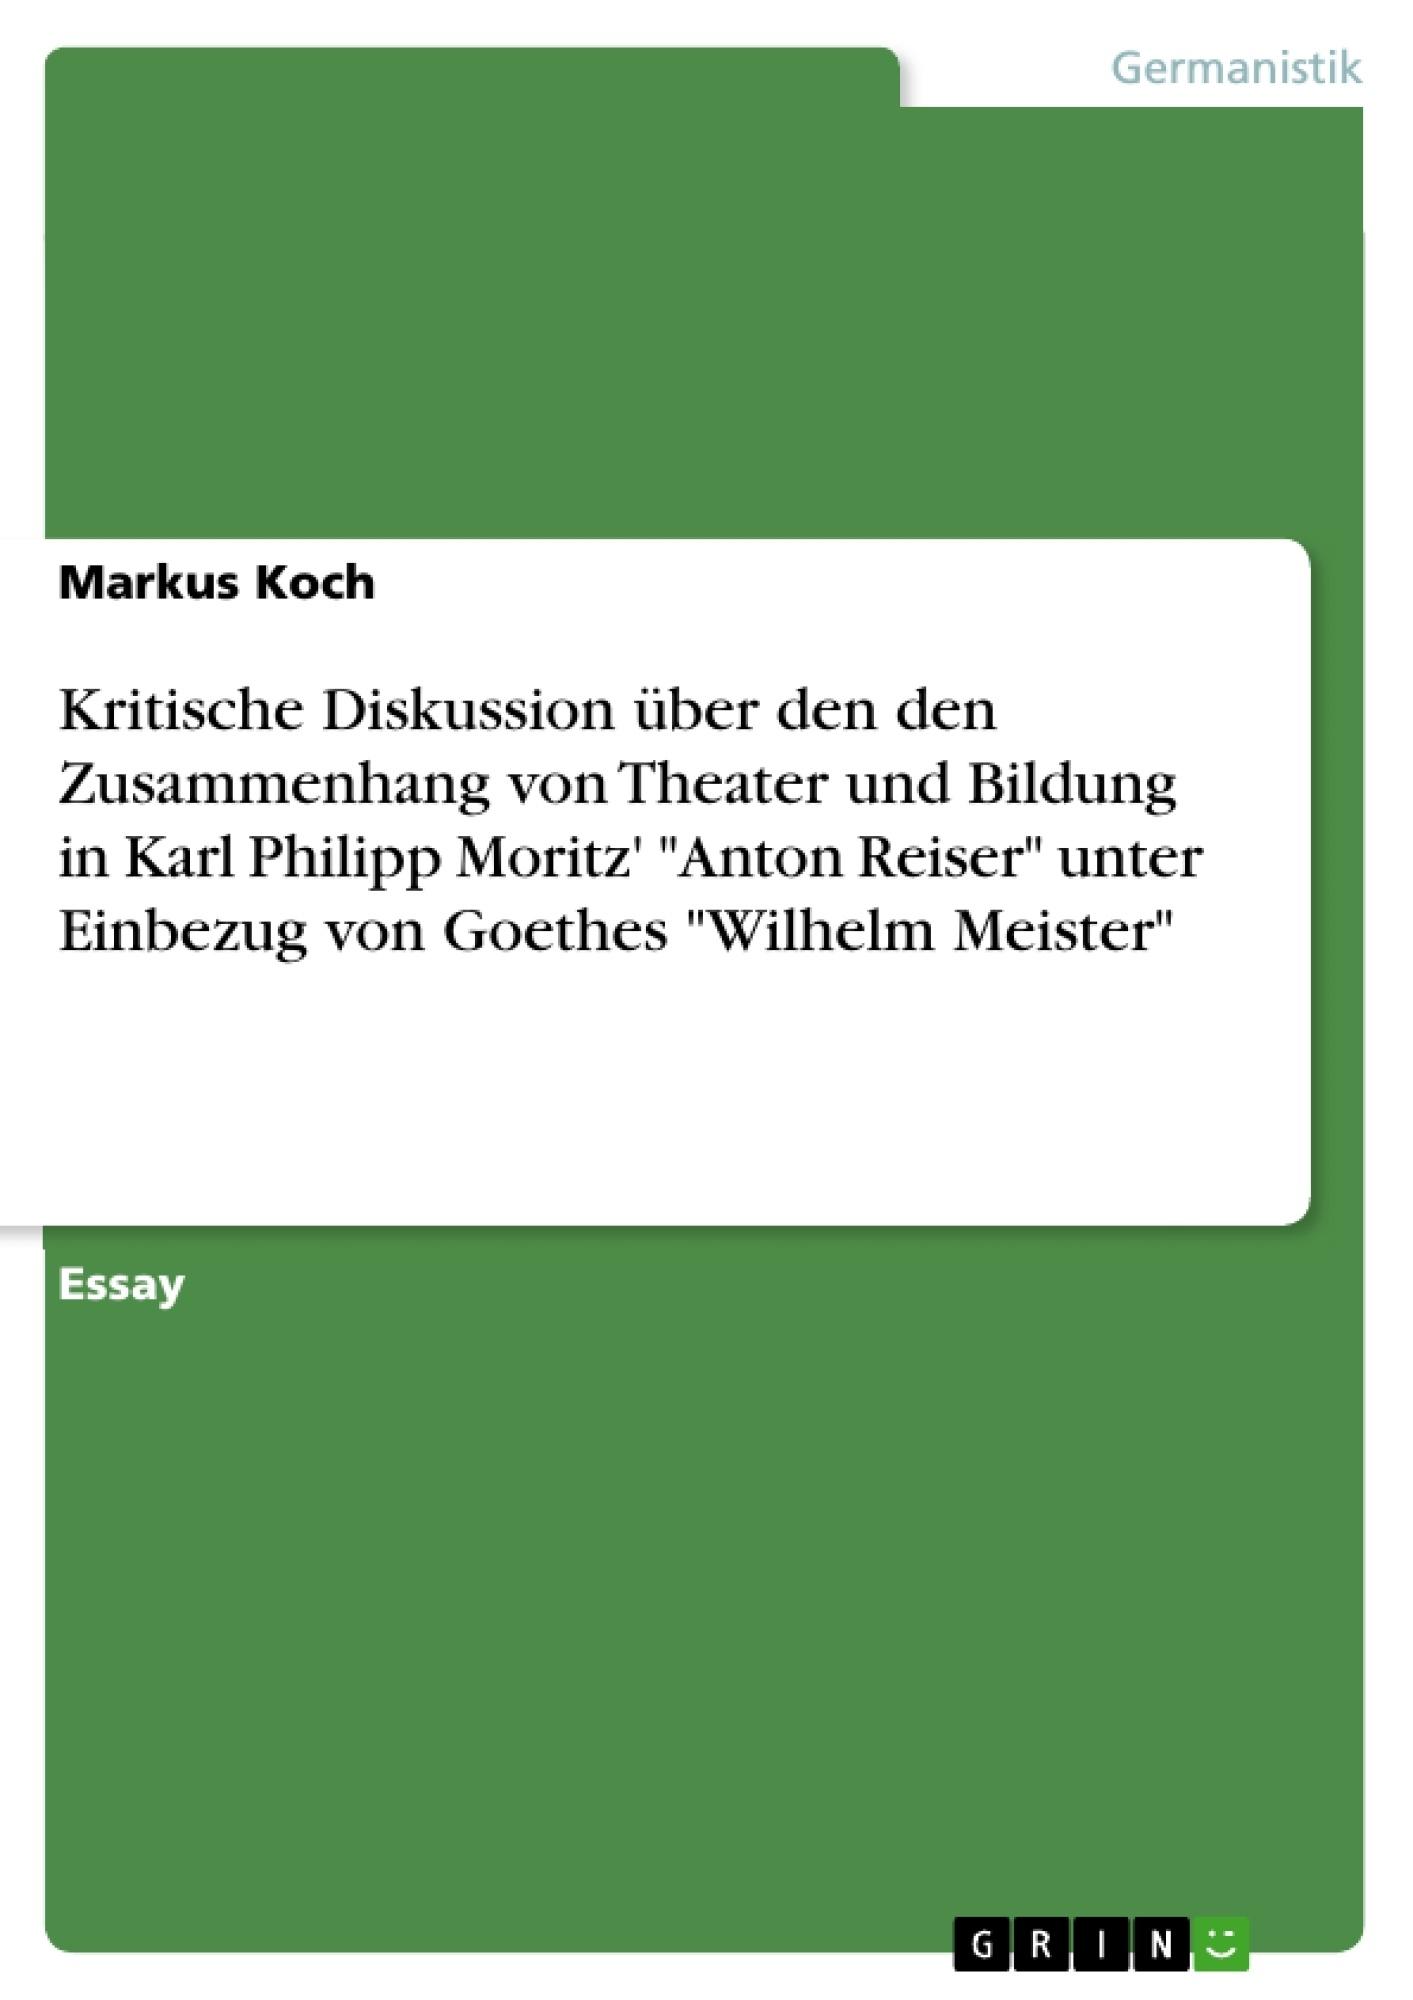 """Titel: Kritische Diskussion über den den Zusammenhang von Theater und Bildung in Karl Philipp Moritz' """"Anton Reiser"""" unter Einbezug von Goethes """"Wilhelm Meister"""""""